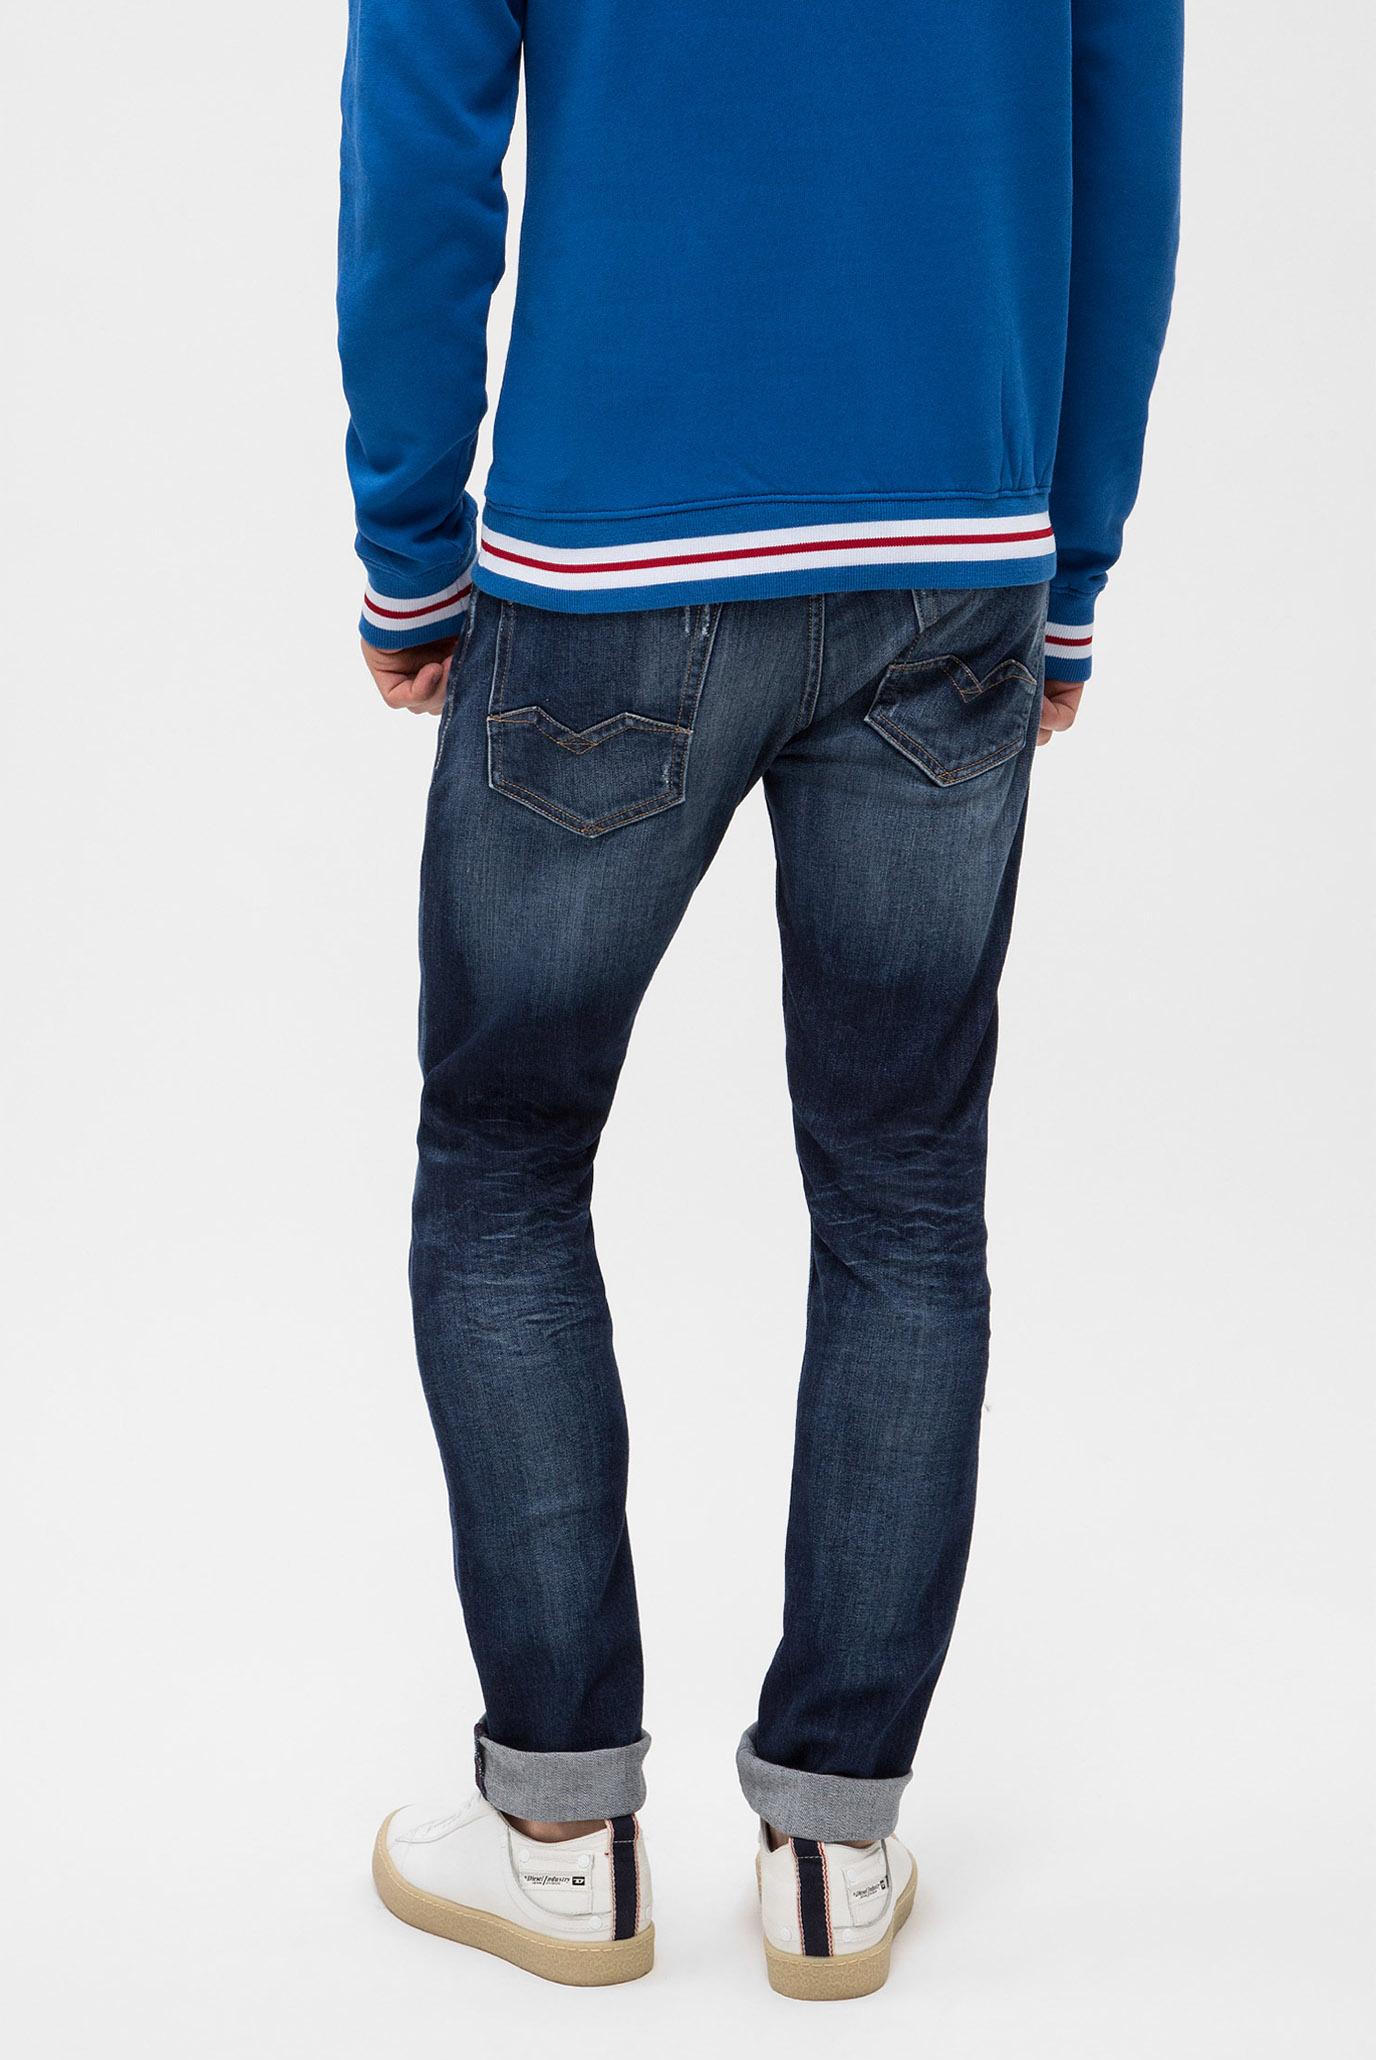 Купить Мужские темно-синие джинсы ROB Replay Replay MA950 .000.573 333 – Киев, Украина. Цены в интернет магазине MD Fashion